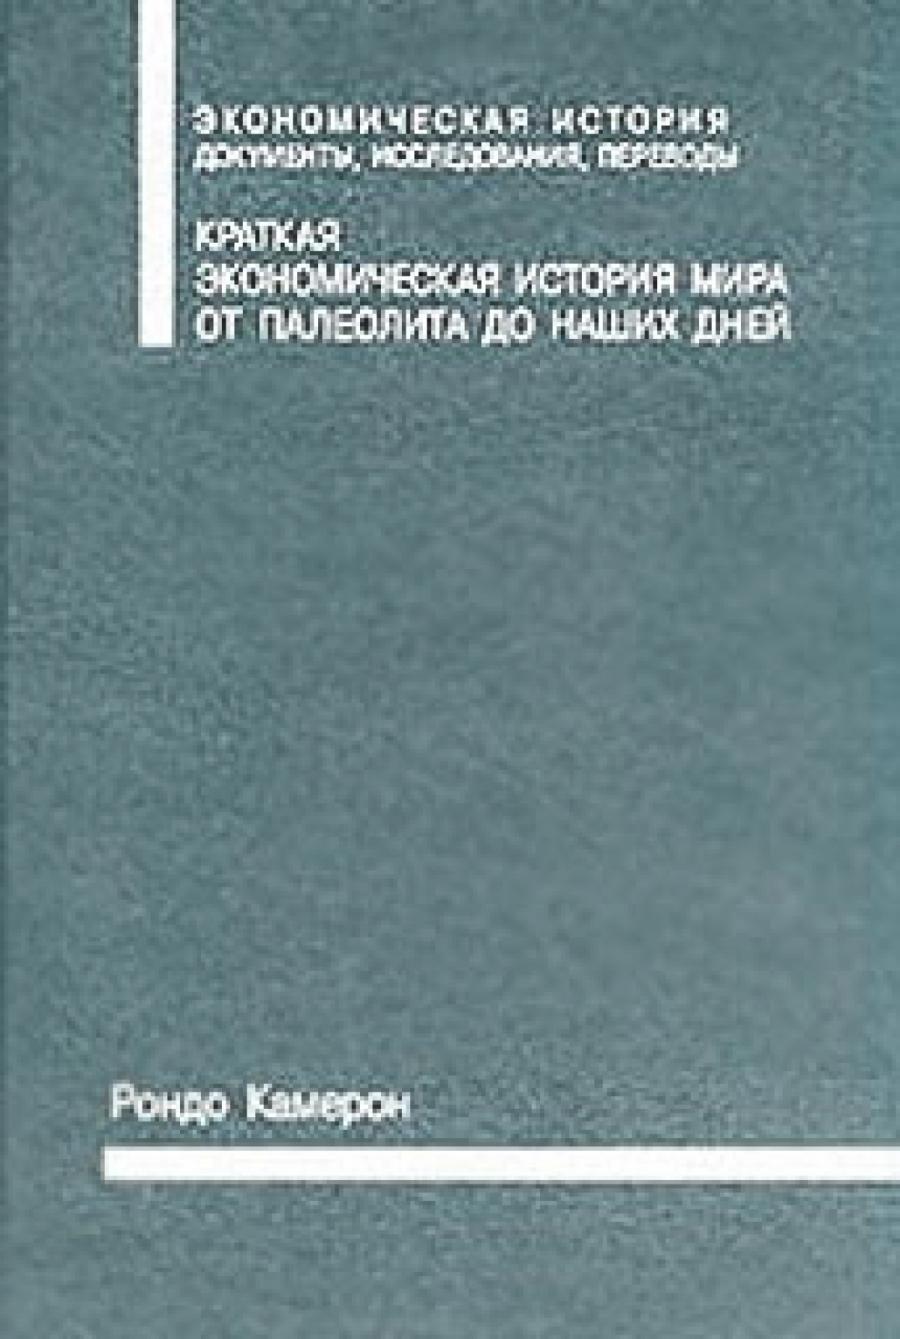 Обложка книги:  камерон р. - краткая экономическая история мира. от палеолита до наших дней